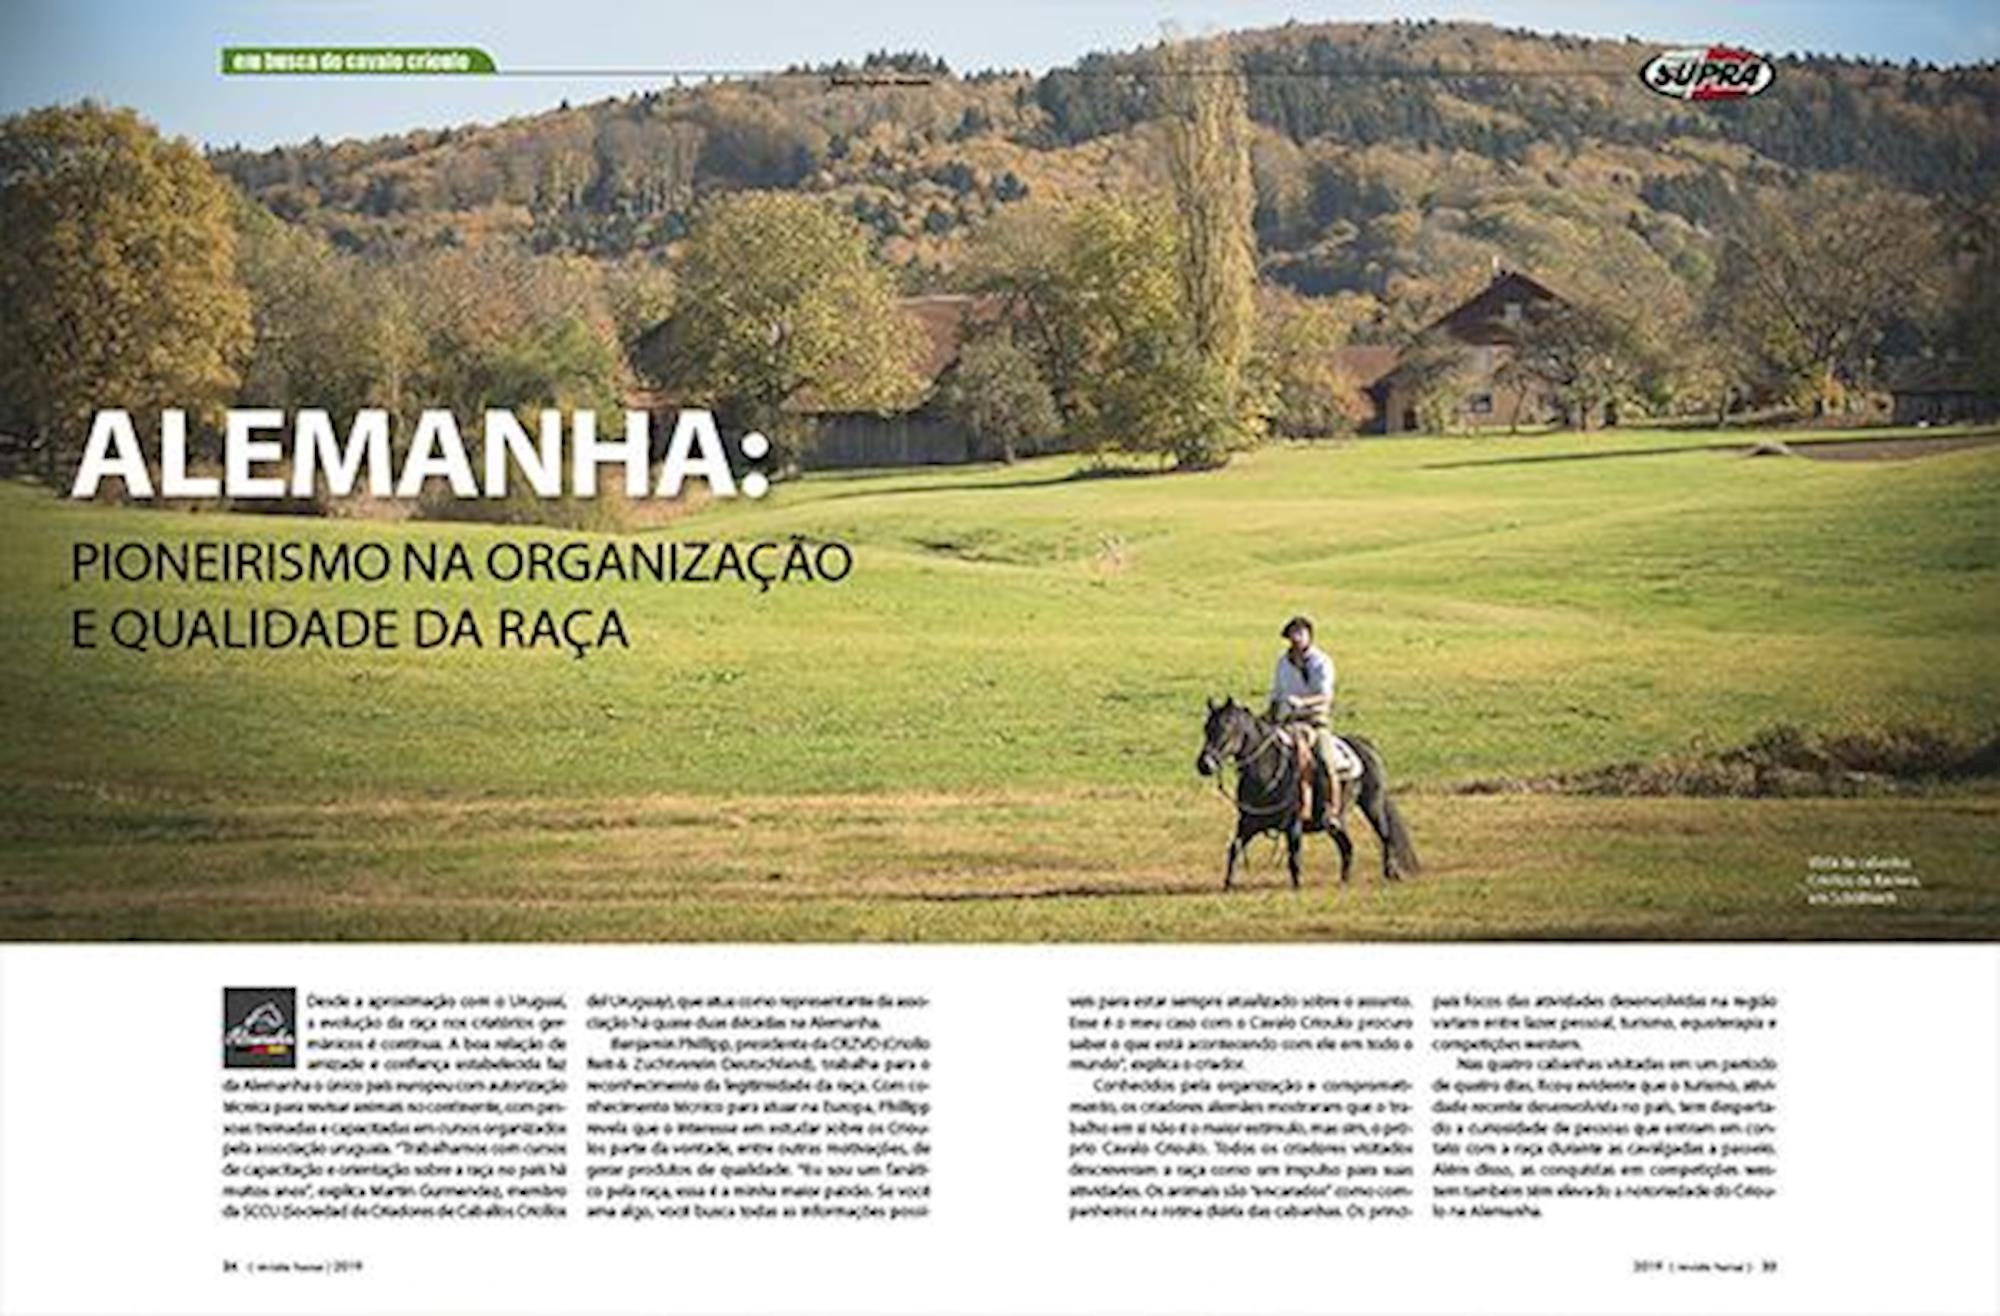 edição 117, Em Busca do Cavalo Crioulo, Fagner Almeida, Horse, Europa, Alemanha,